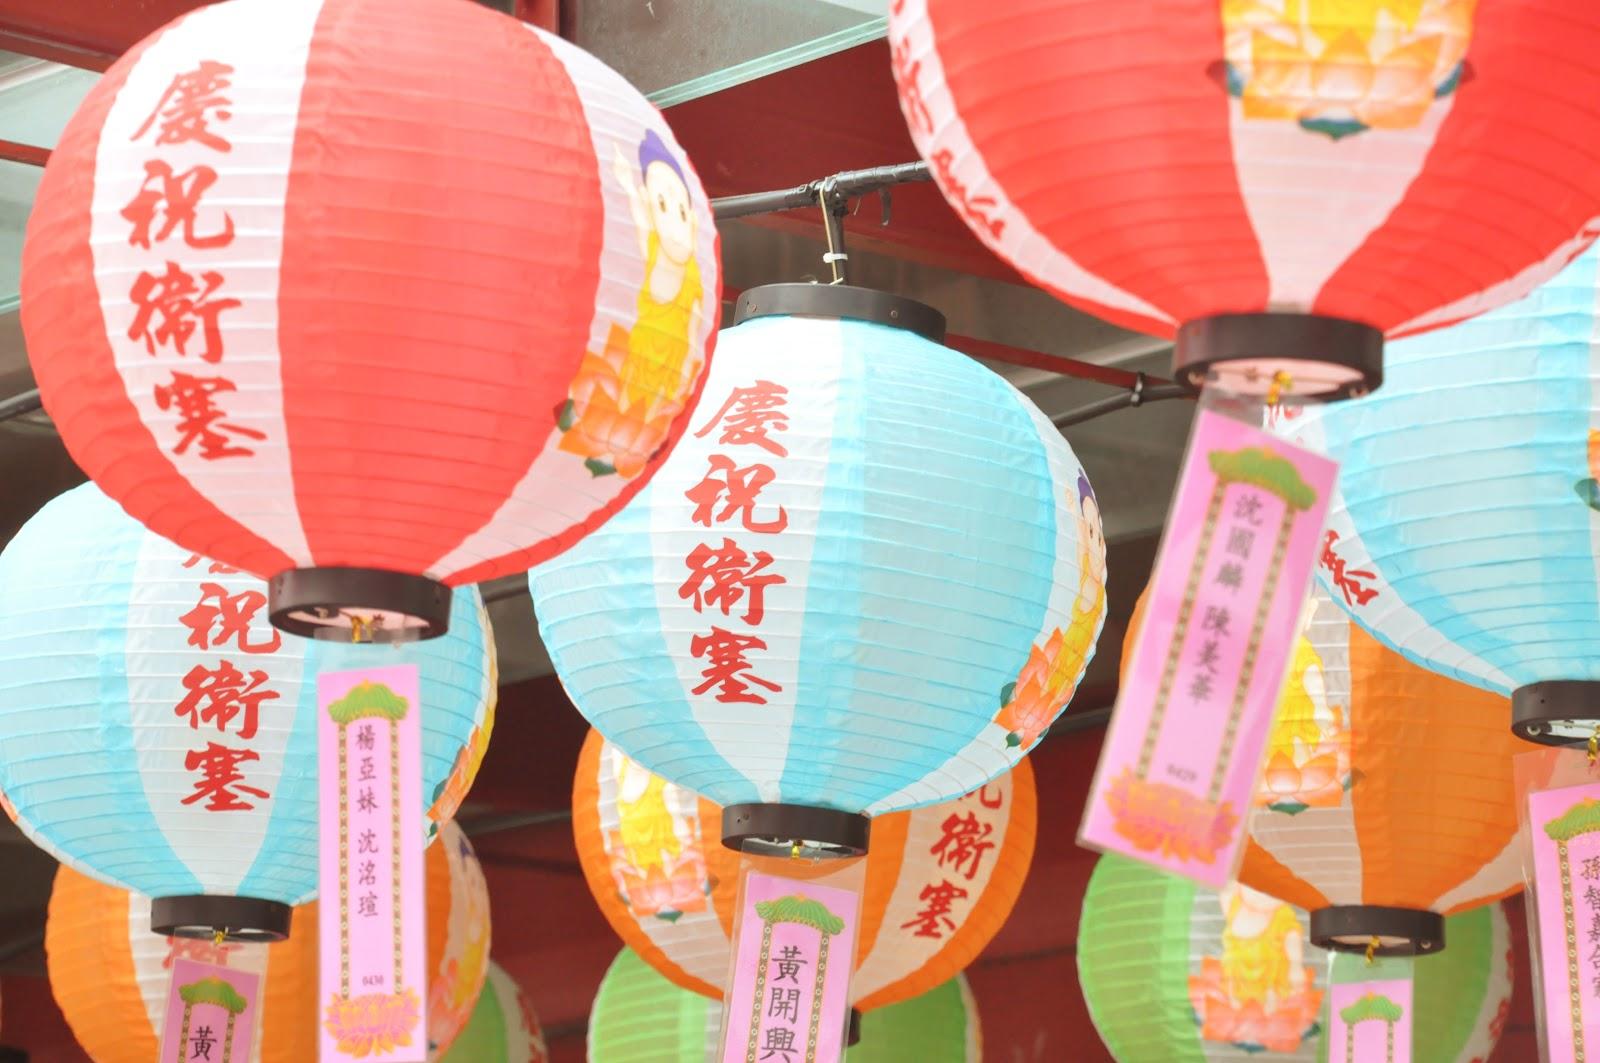 Änderungen der Handelszeiten durch das chinesische Neujahr und President's Day